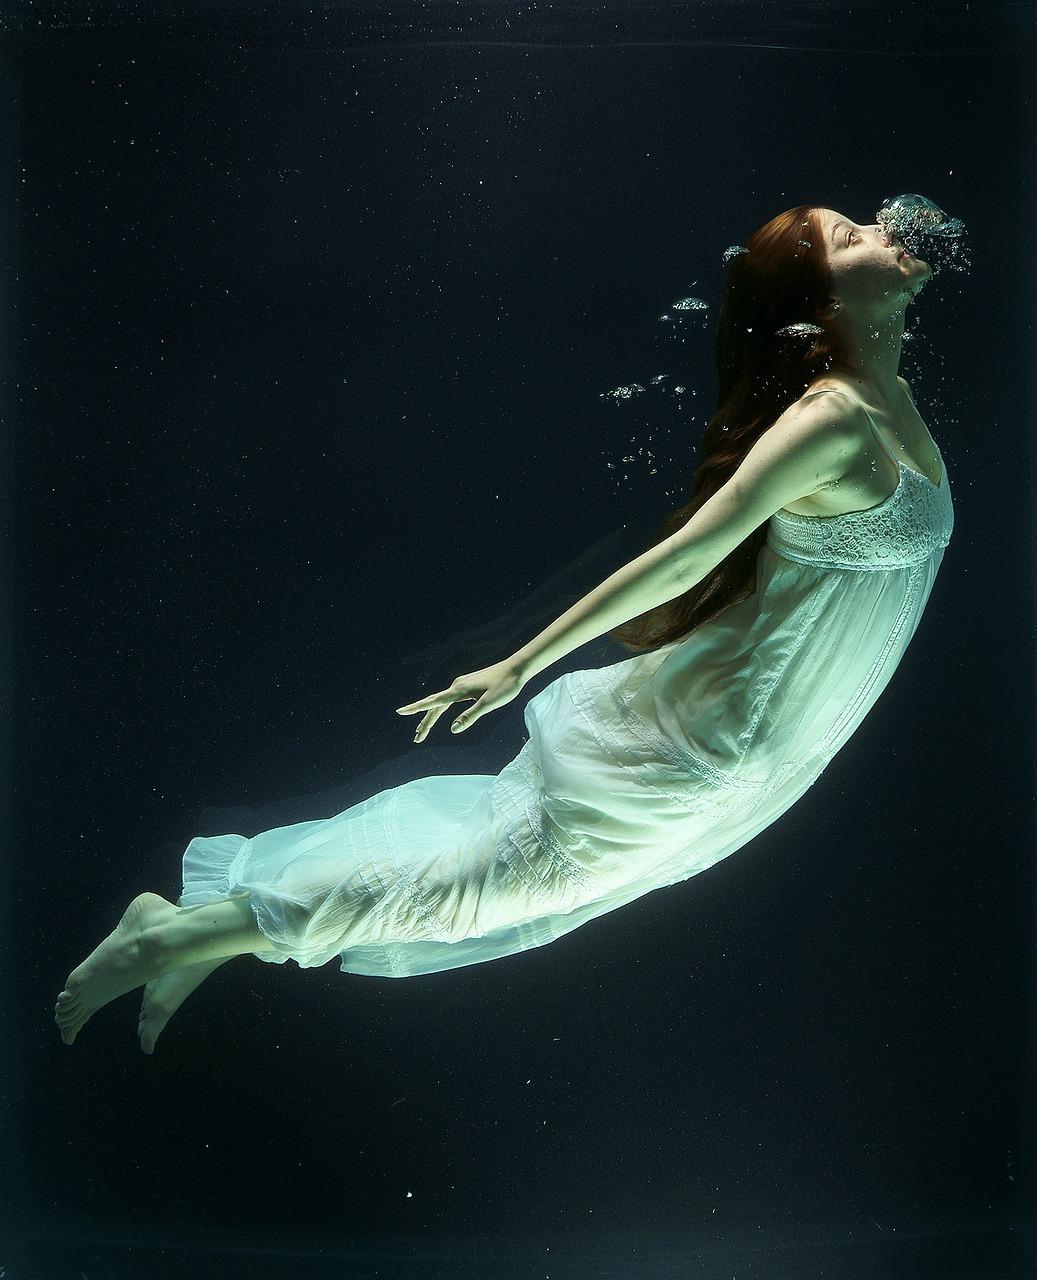 under-water-1819586_1280